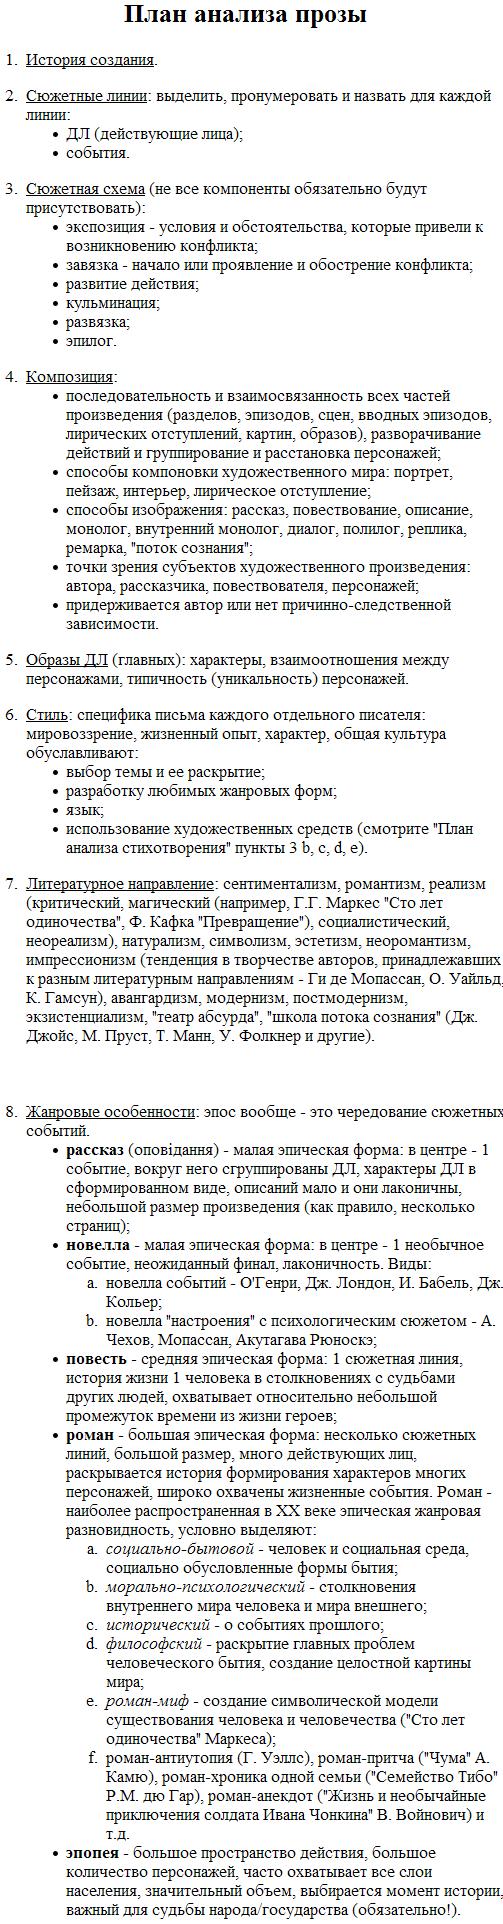 Как сделать анализ текста по плану